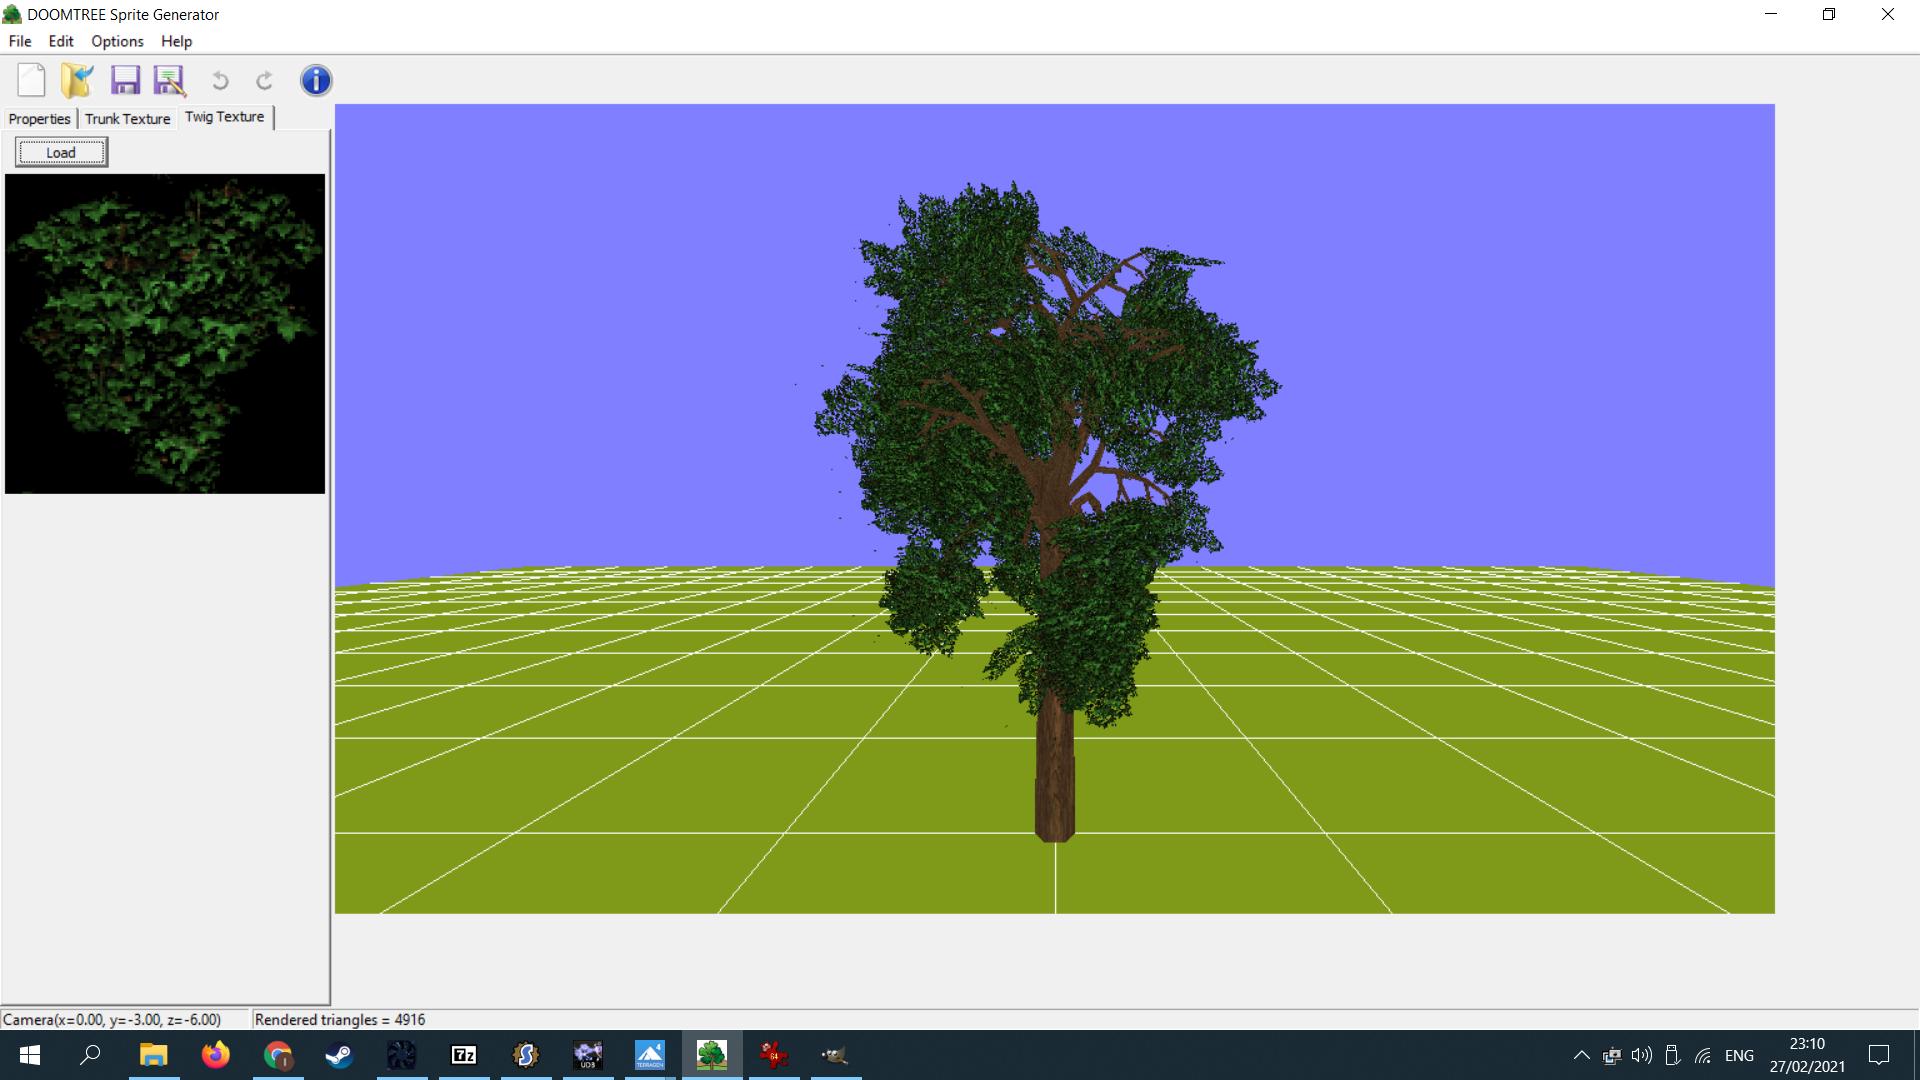 treeotex2.png.cc1104e4d4fb8881fa06e9ac7dfacffa.png